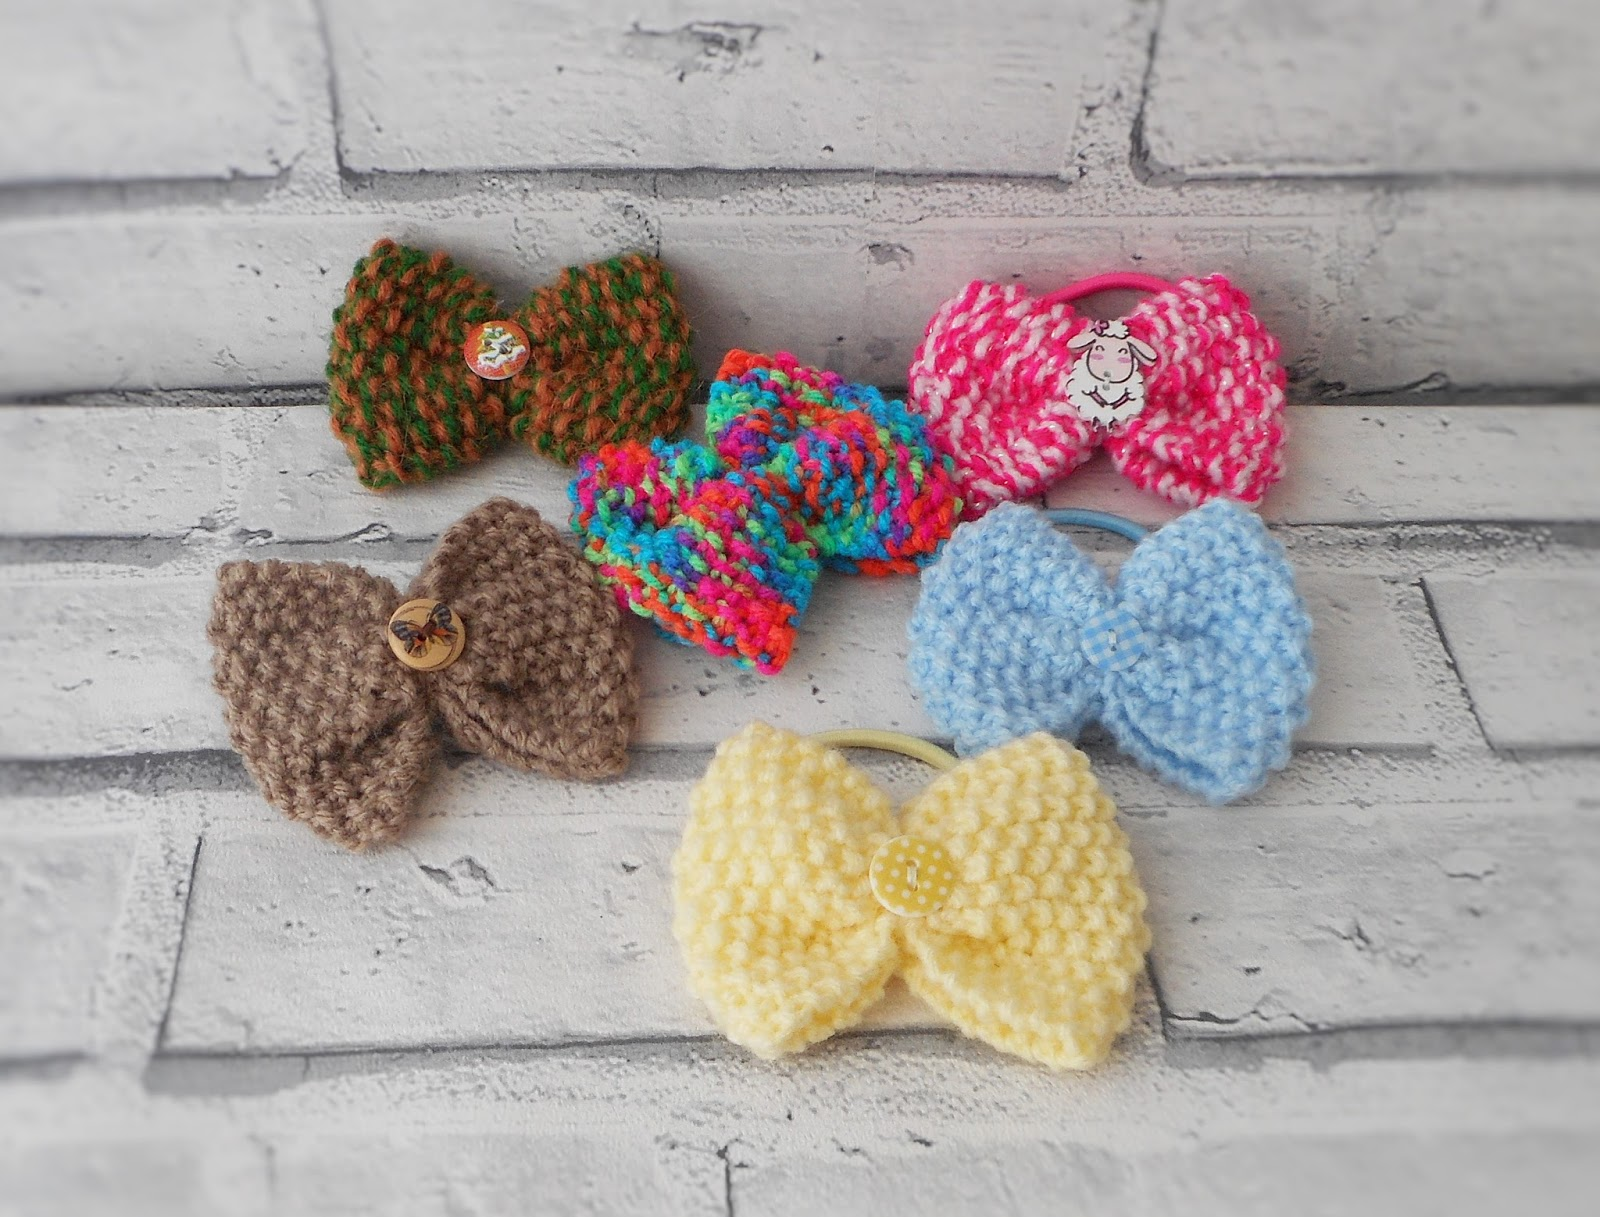 Kwirky Knits UK: Knit a bow